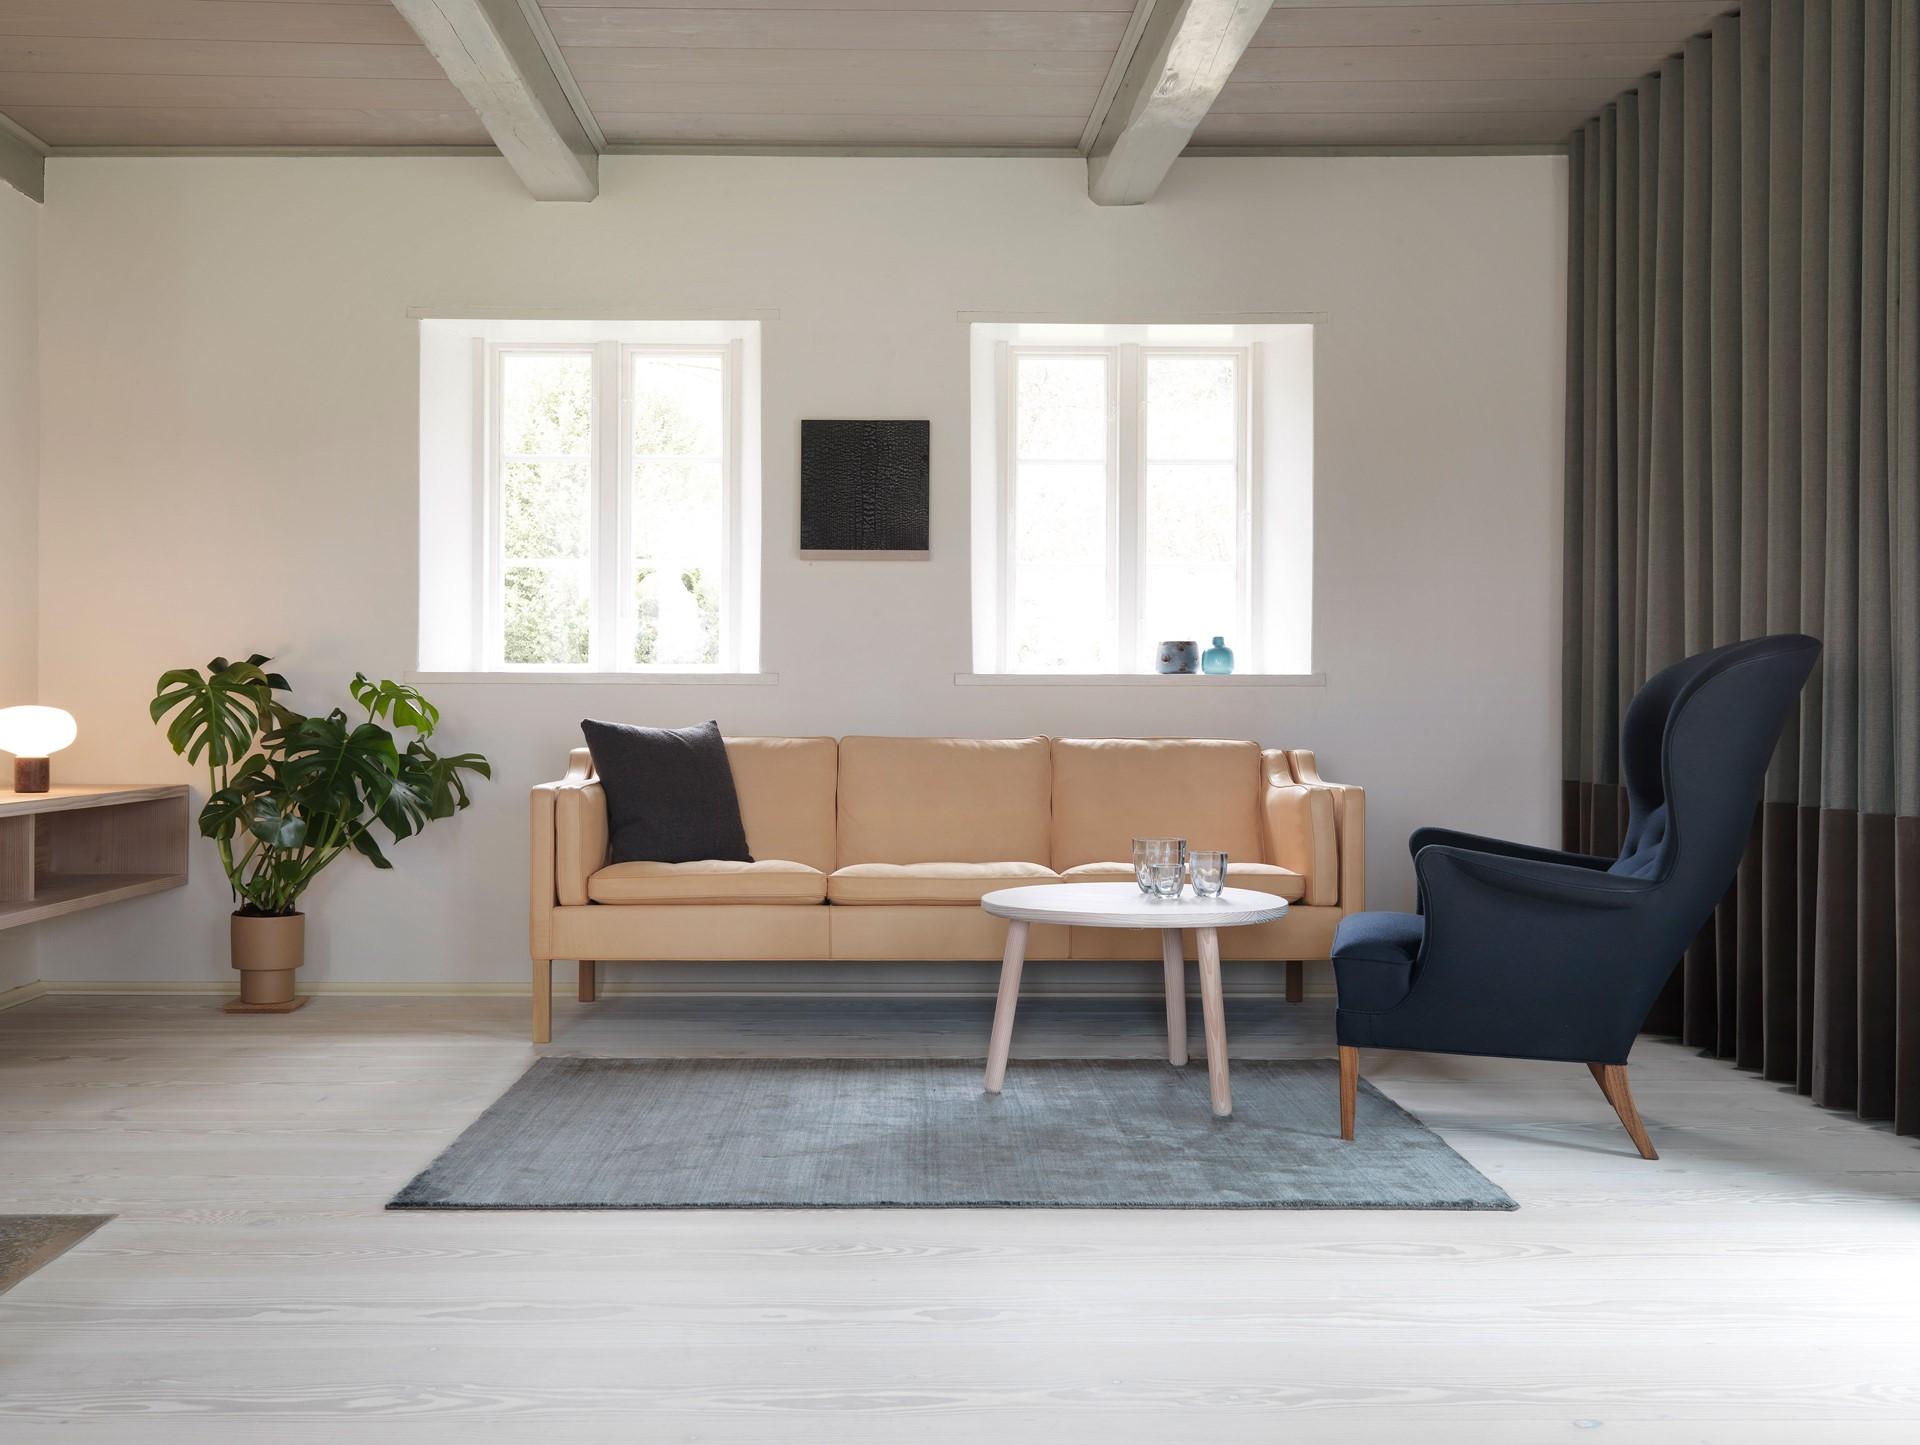 douglas fir floor lye white soap underfloor heating living room dinesen country home.jpg